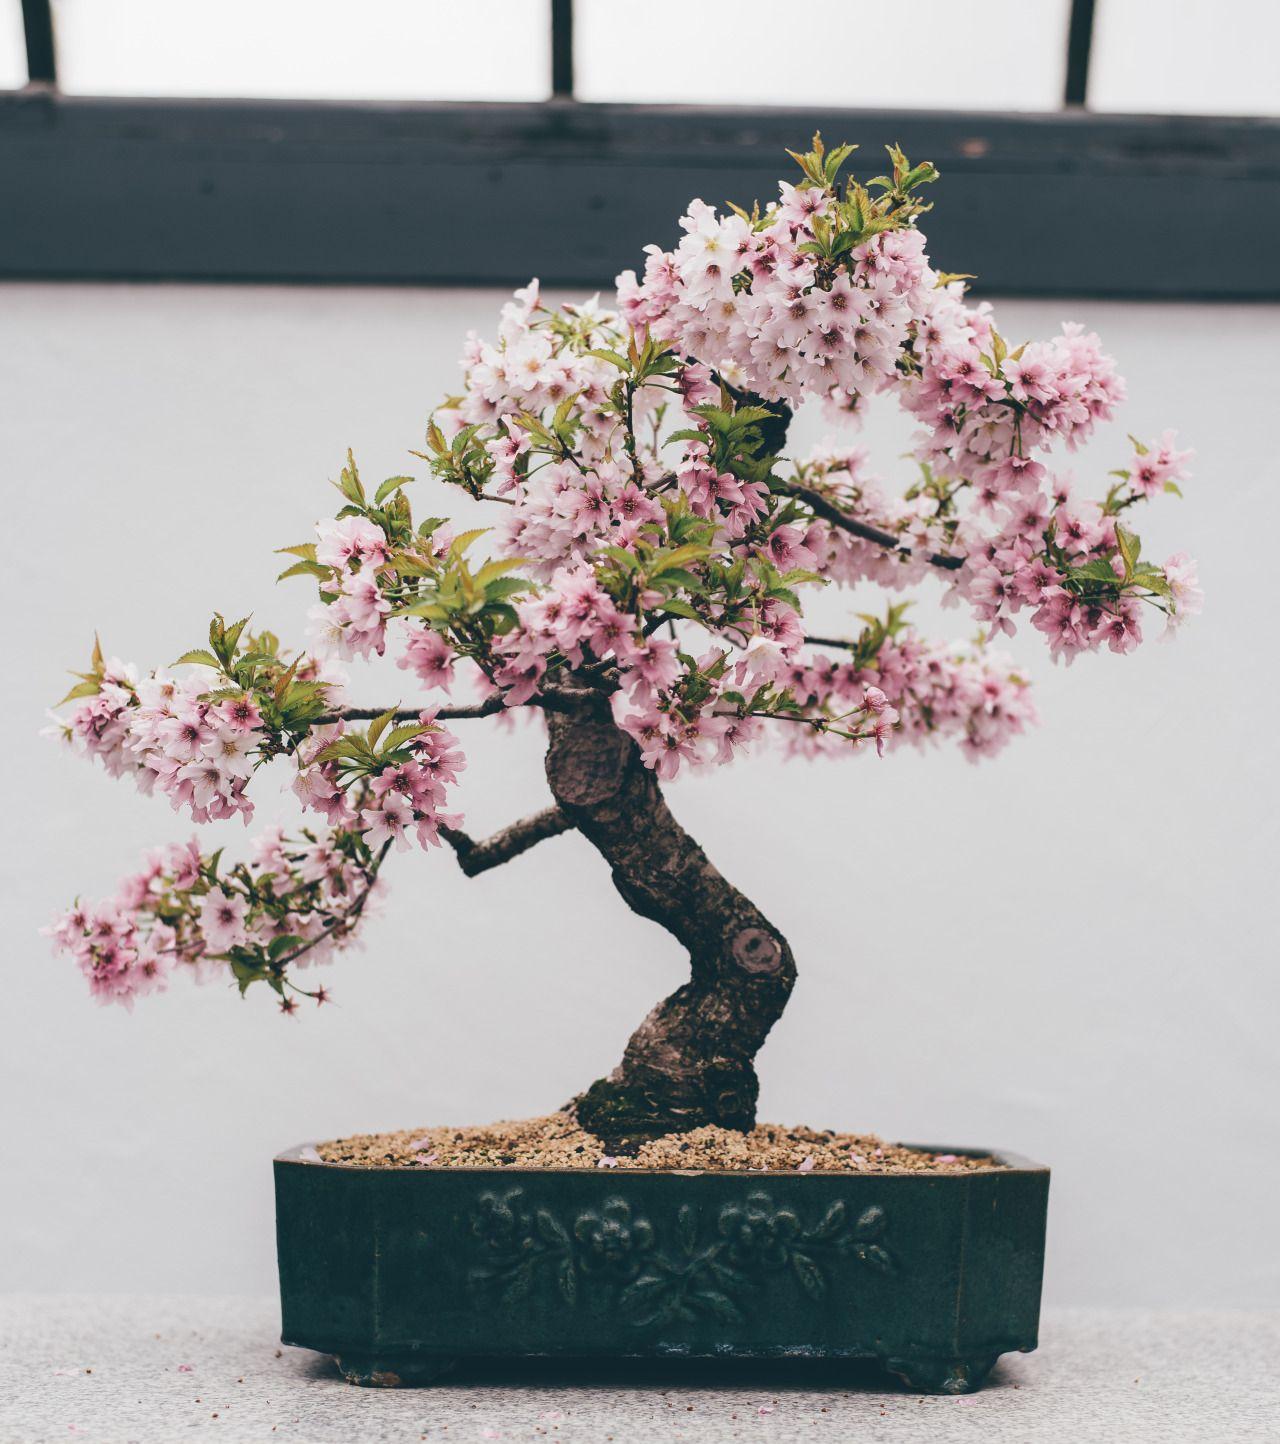 Cherry Blossom Bonsai Bonsai Tree Flowering Bonsai Tree Cherry Blossom Bonsai Tree